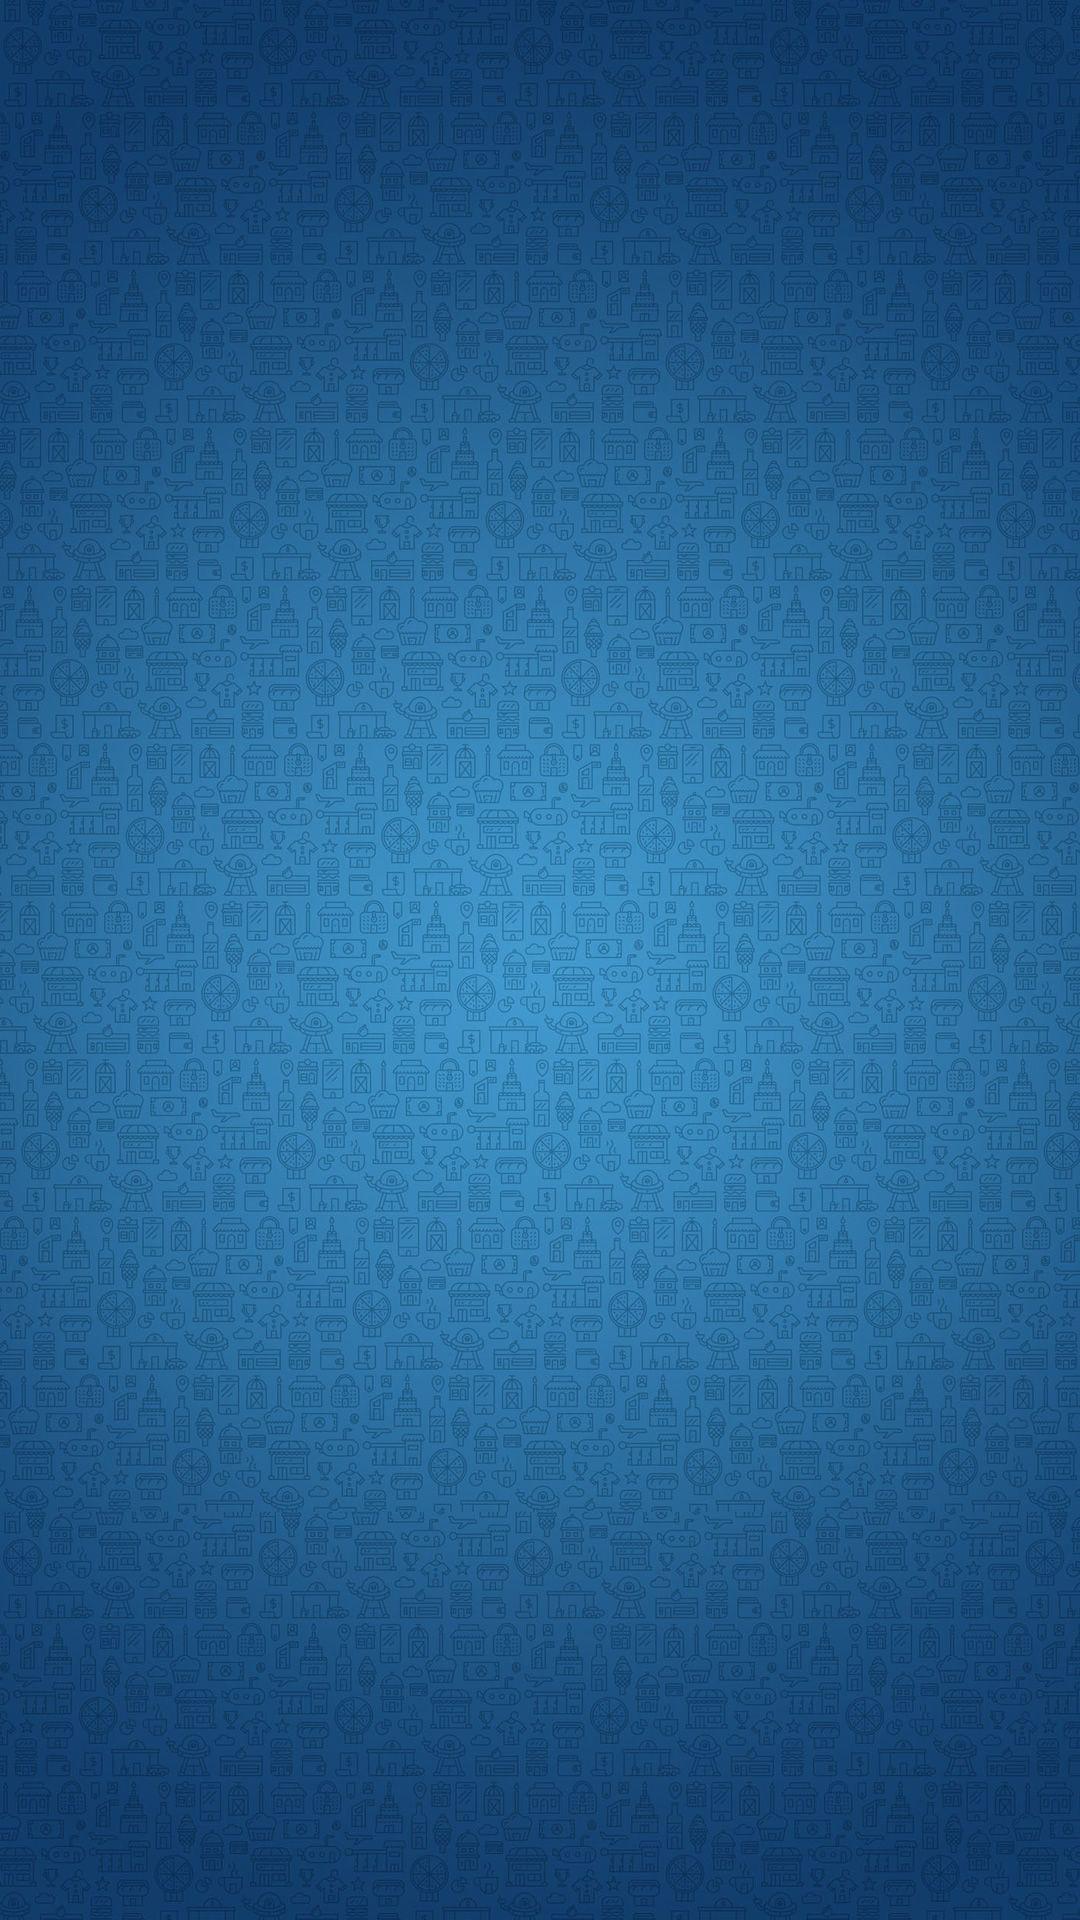 おしゃれな模様 ブルー 6s 壁紙 テクスチャ